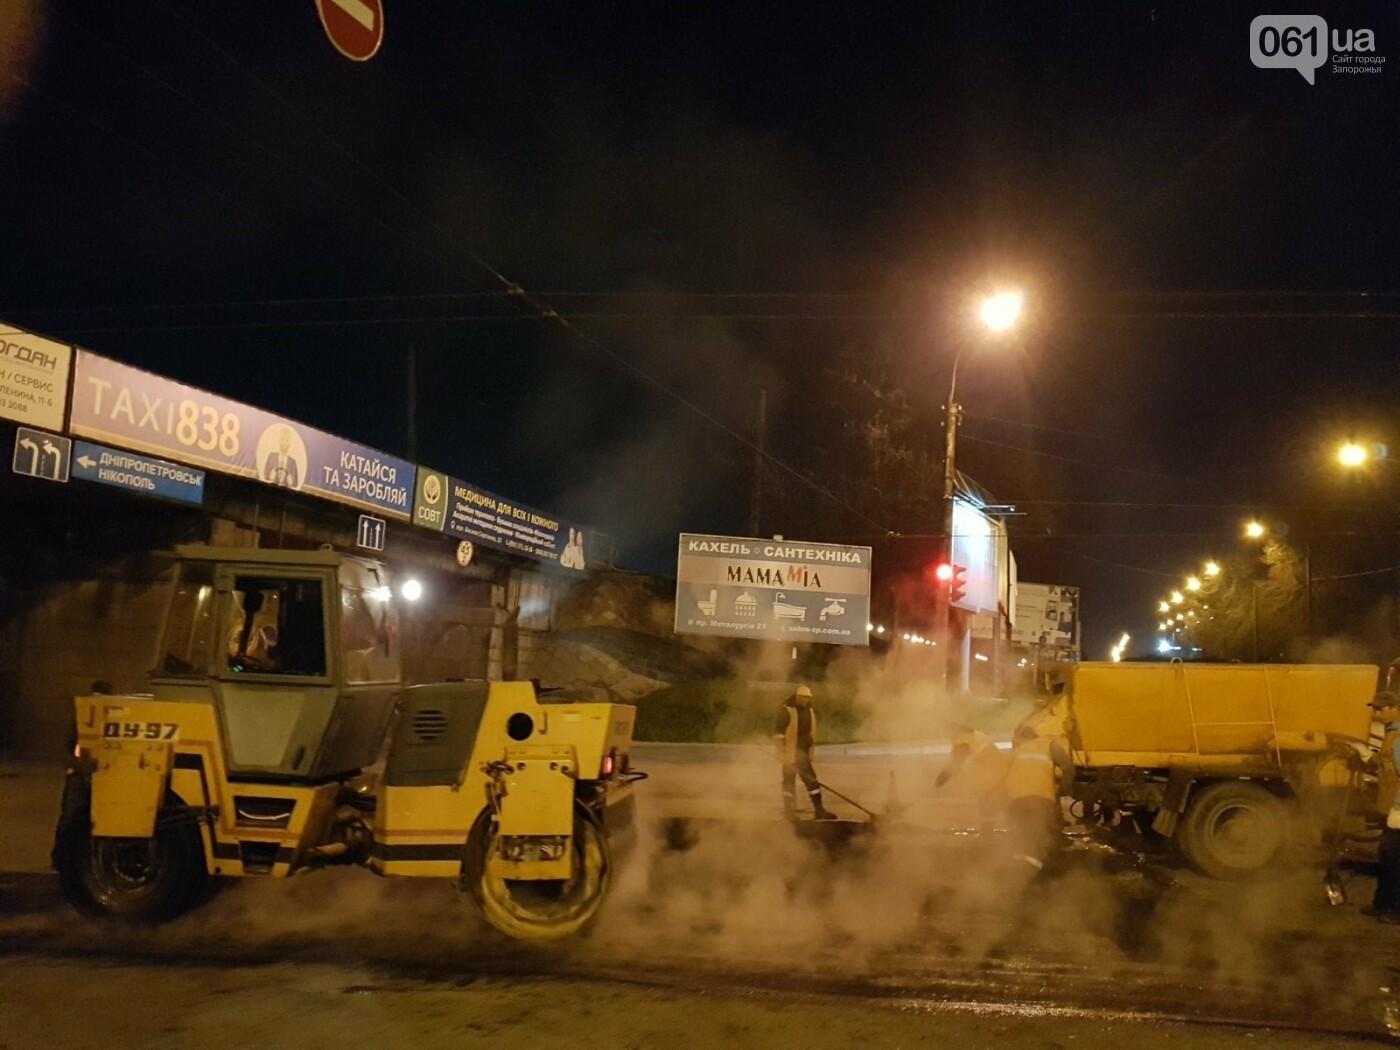 Запорожские коммунальщики ночью на мосту Преображенского ремонтировали дорогу, фото-2